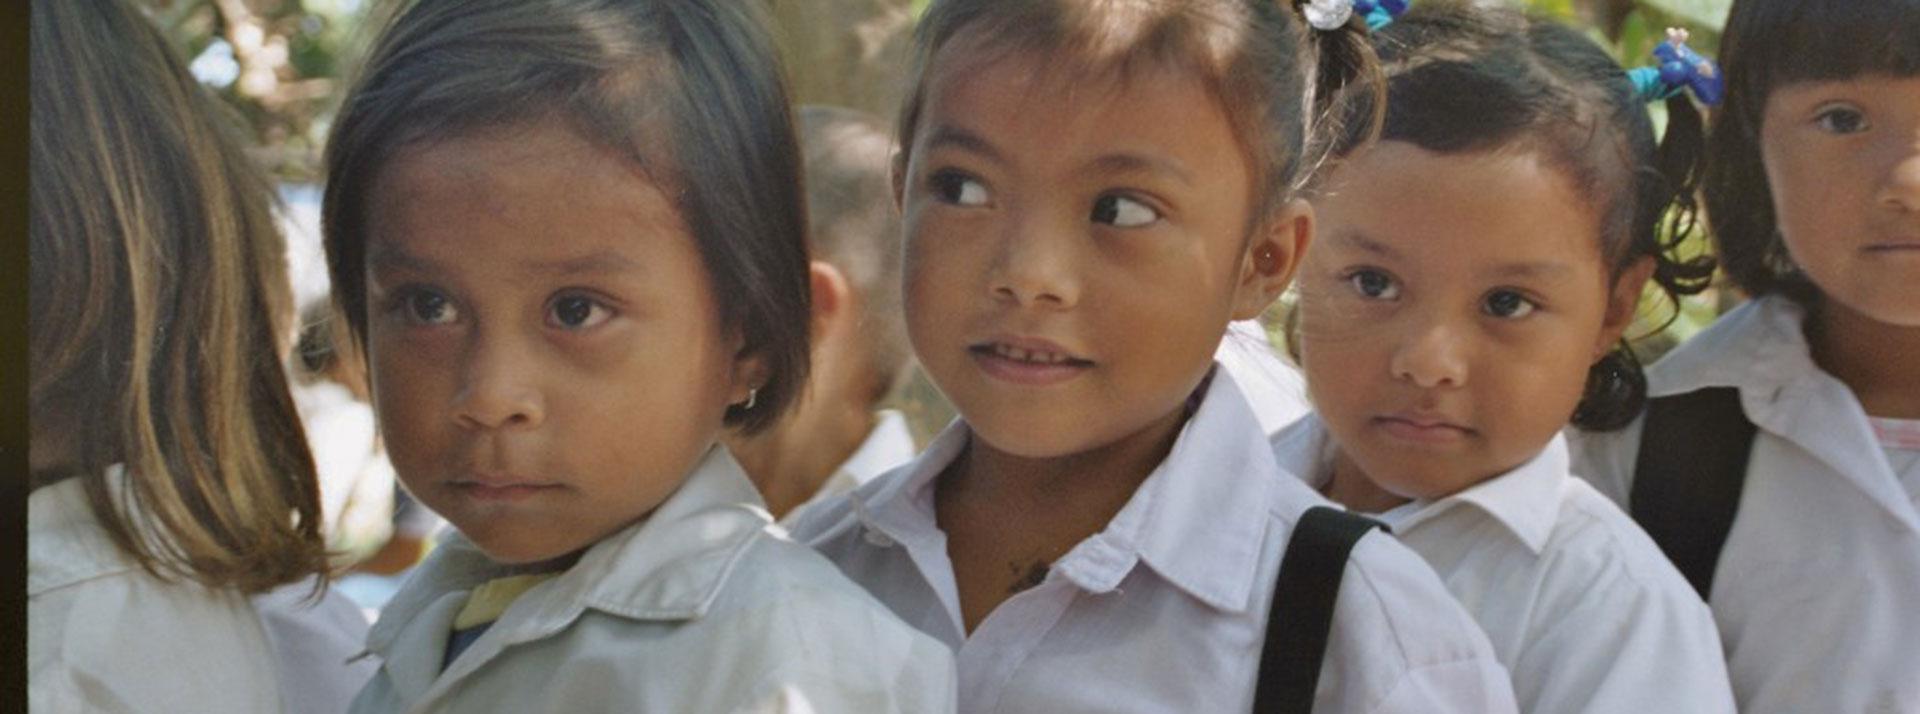 Schulprojekt Cantar de los Catares